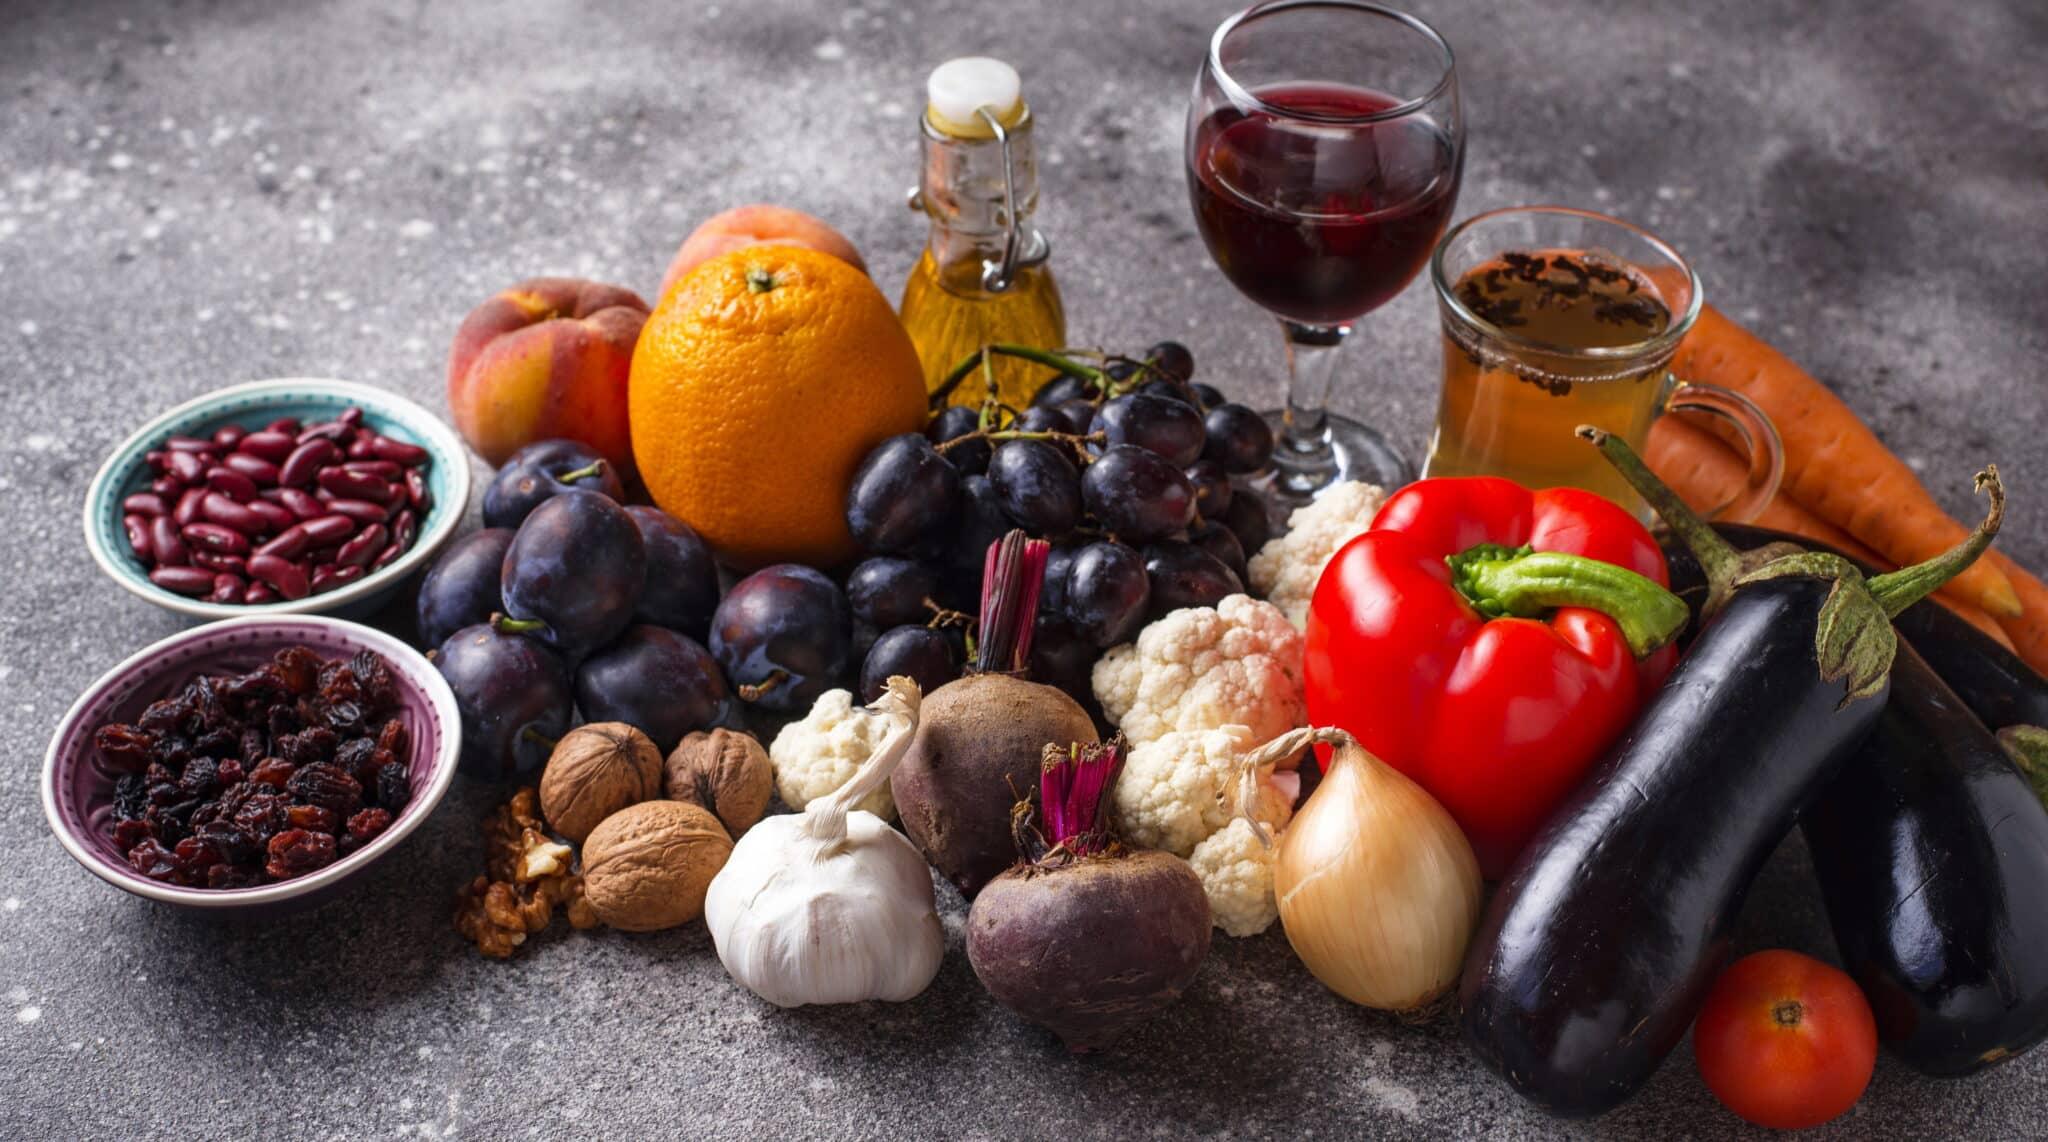 I flavonoli sono presenti nella frutta, nel vino rosso e nella verdura oltre che nel tè verde e nell'olio di oliva